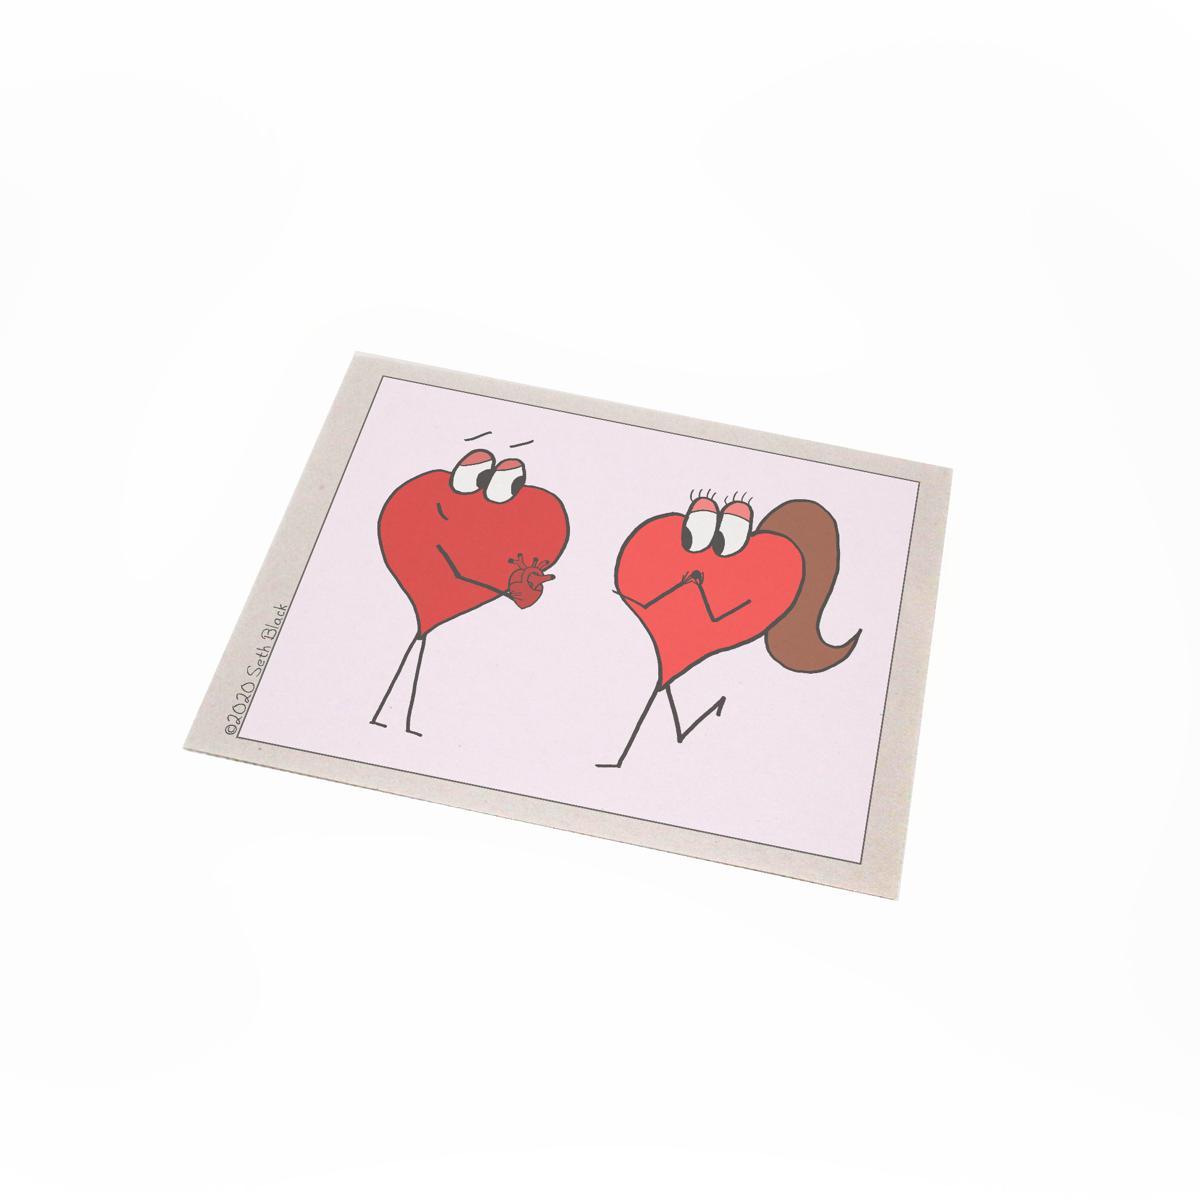 Heart Giving Heart - Valentine's Day 2020 Newsprint Regular Newsprint